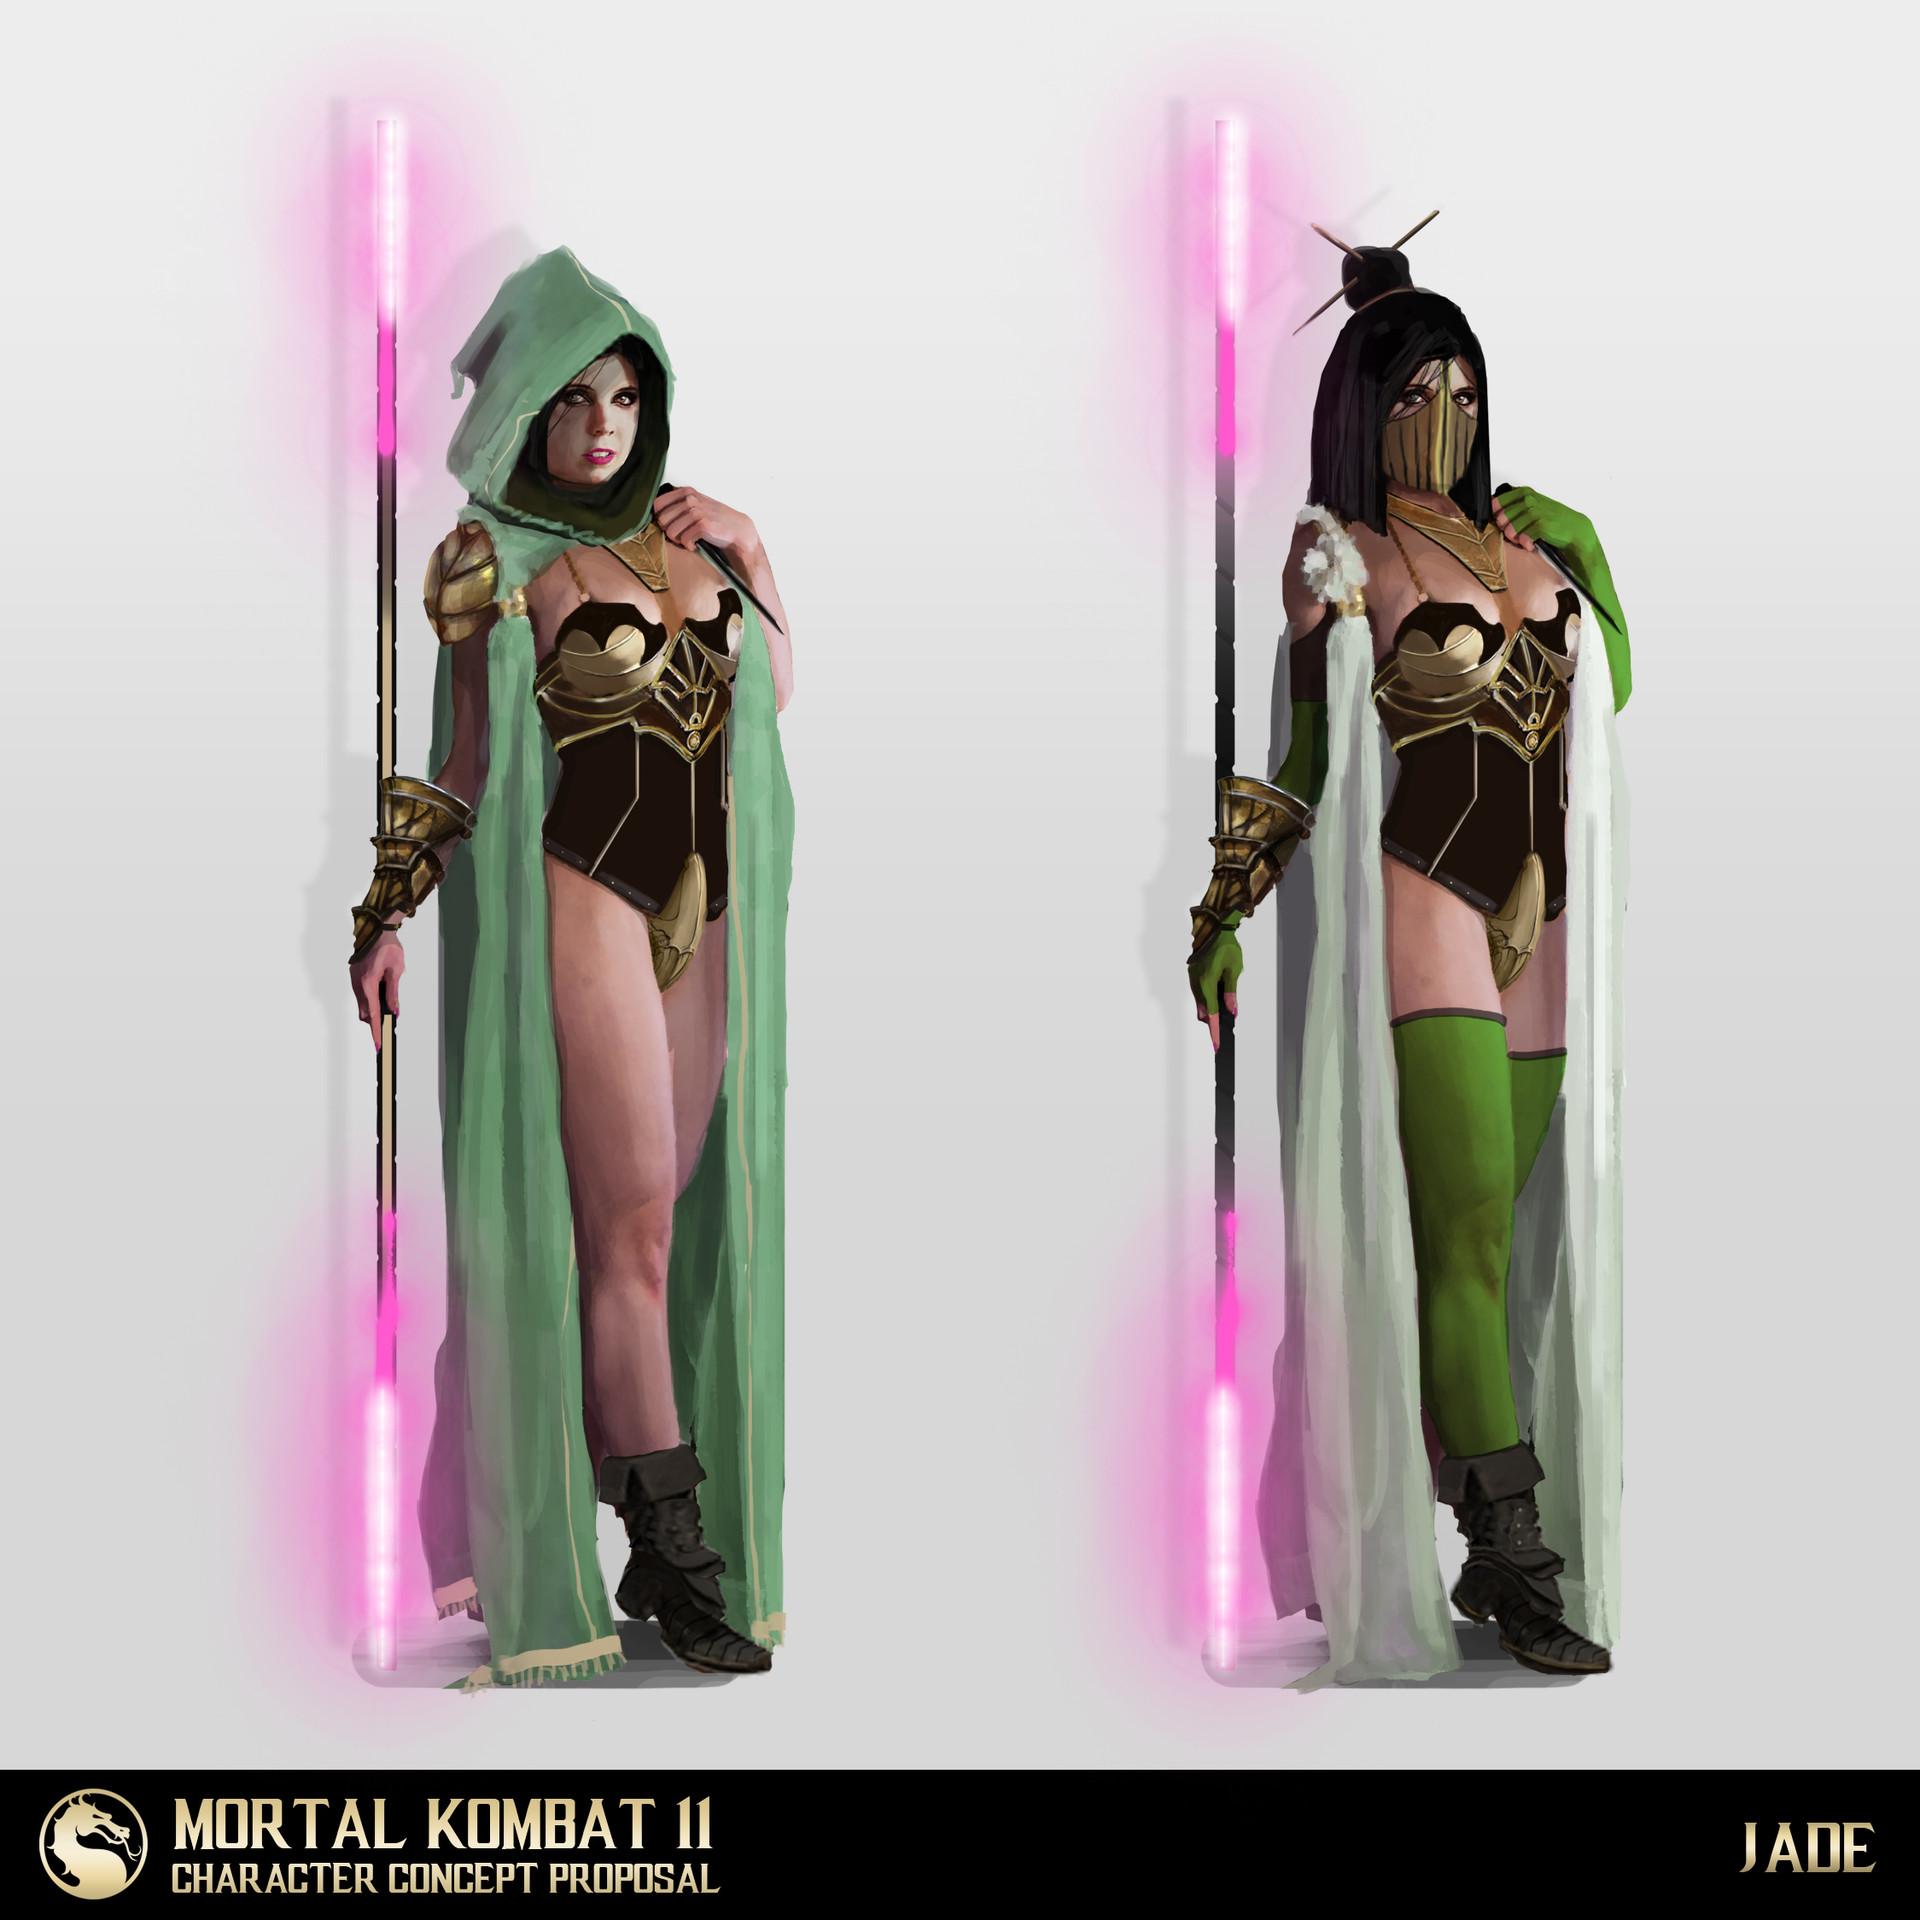 Mk 11 Jade Fujin Quan Chi Concept Art Proposal Test Your Might